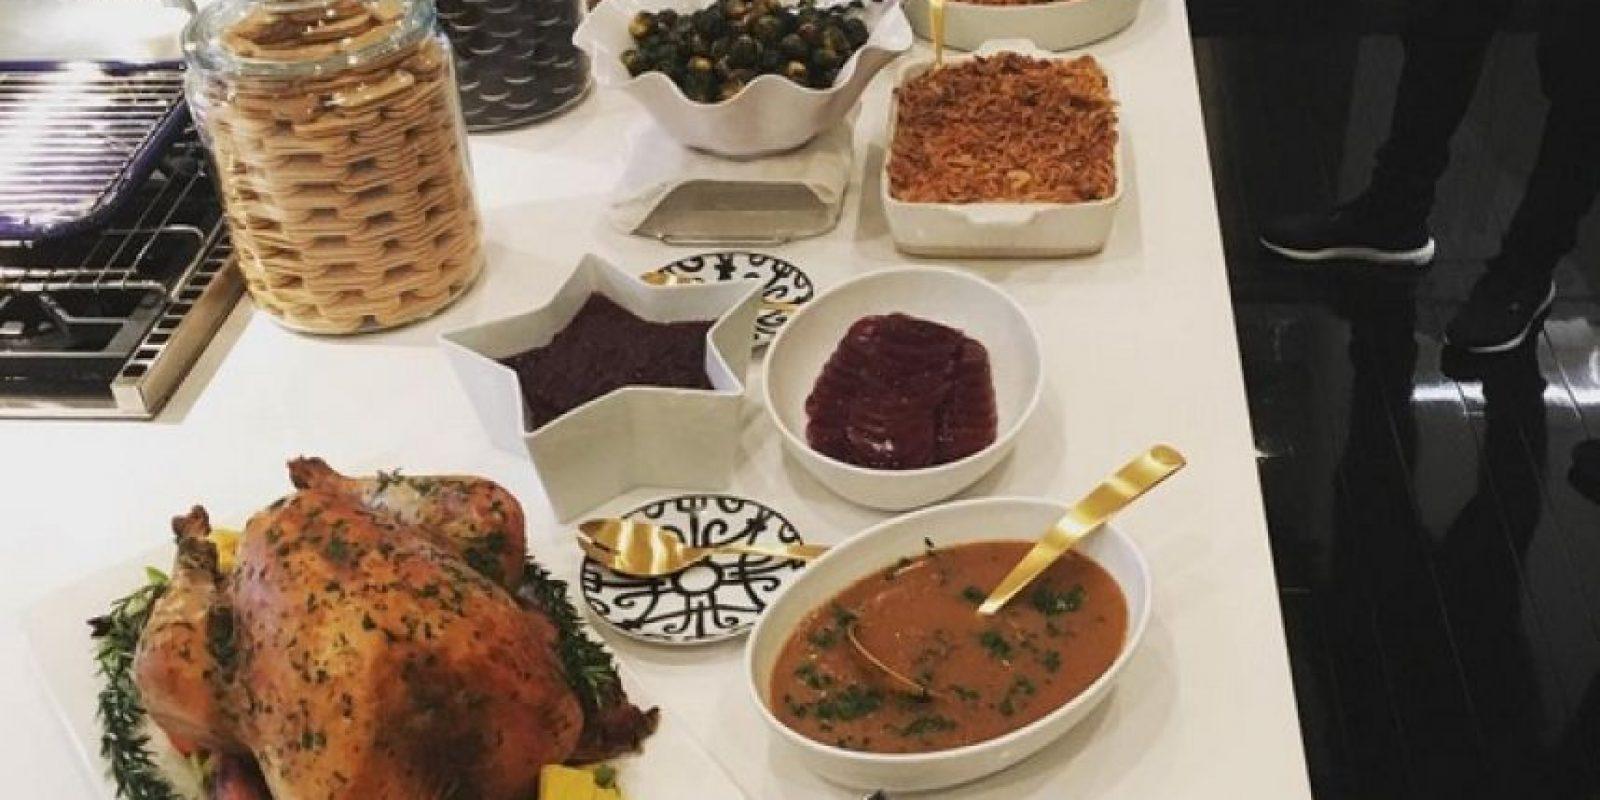 Khloé fue la encargada de preparar todos los platillos para la reunión familiar Foto:Instagram/khloekardashian